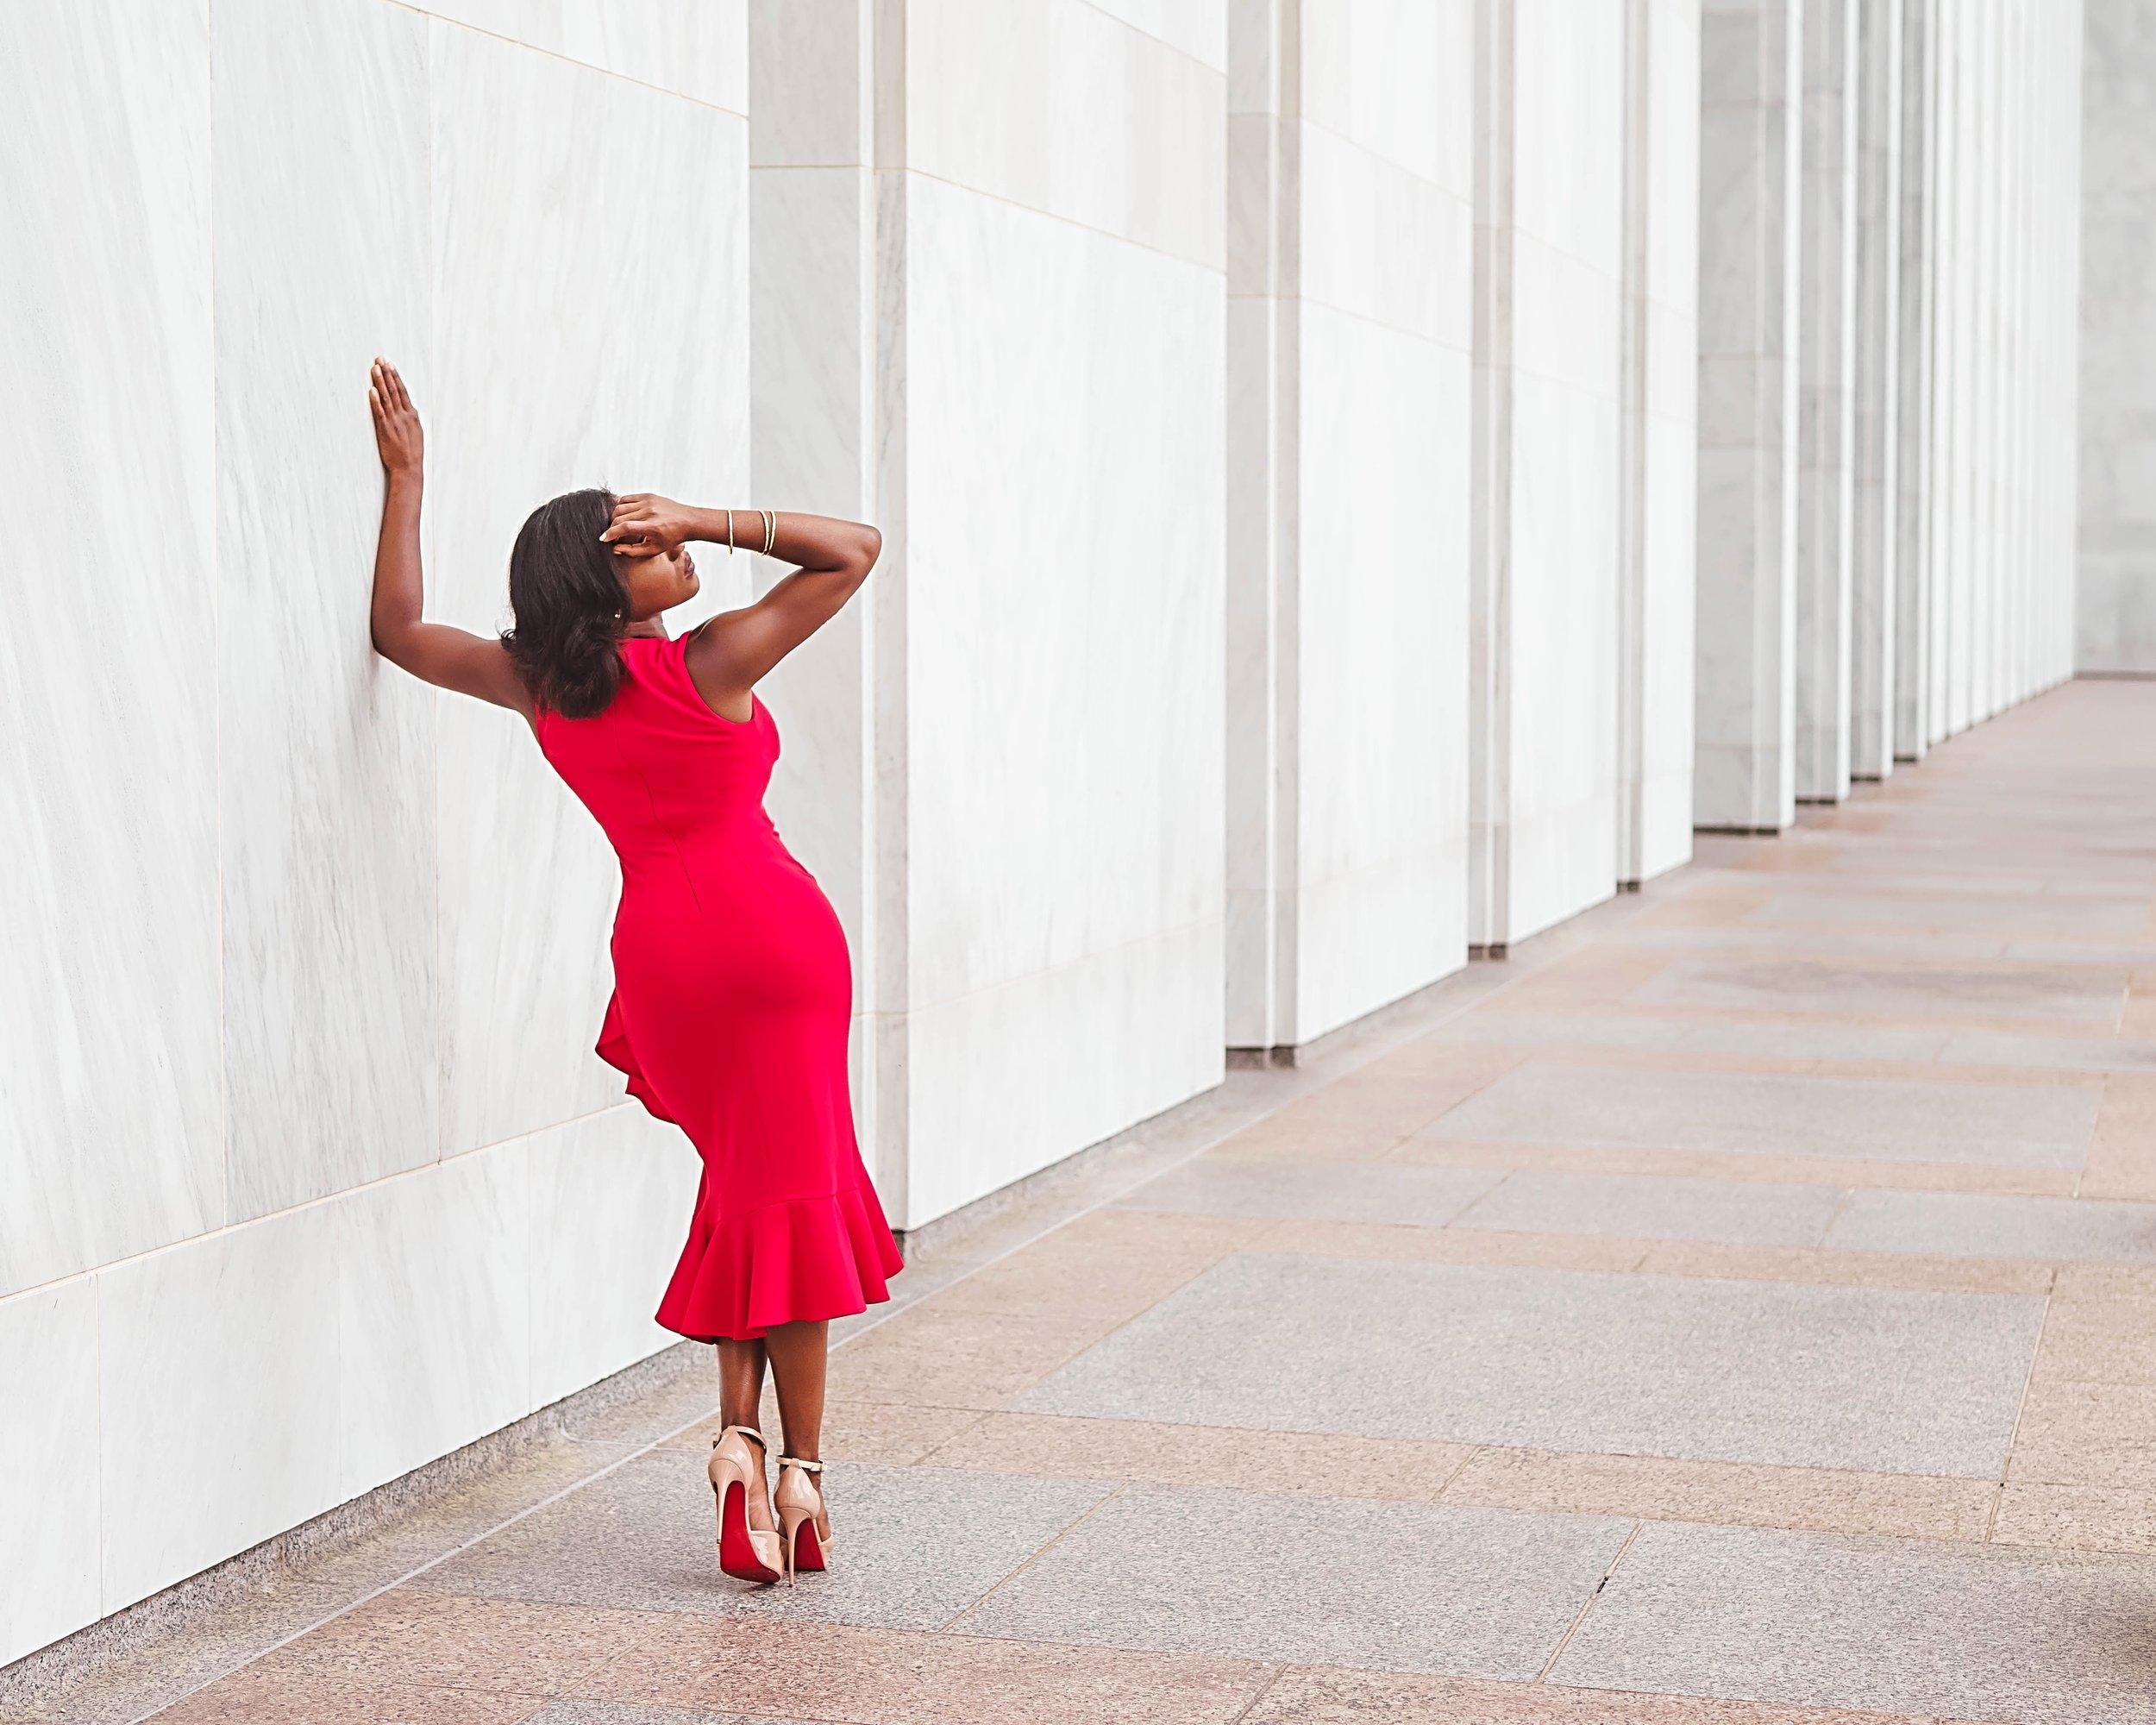 Jessica red dress.jpg